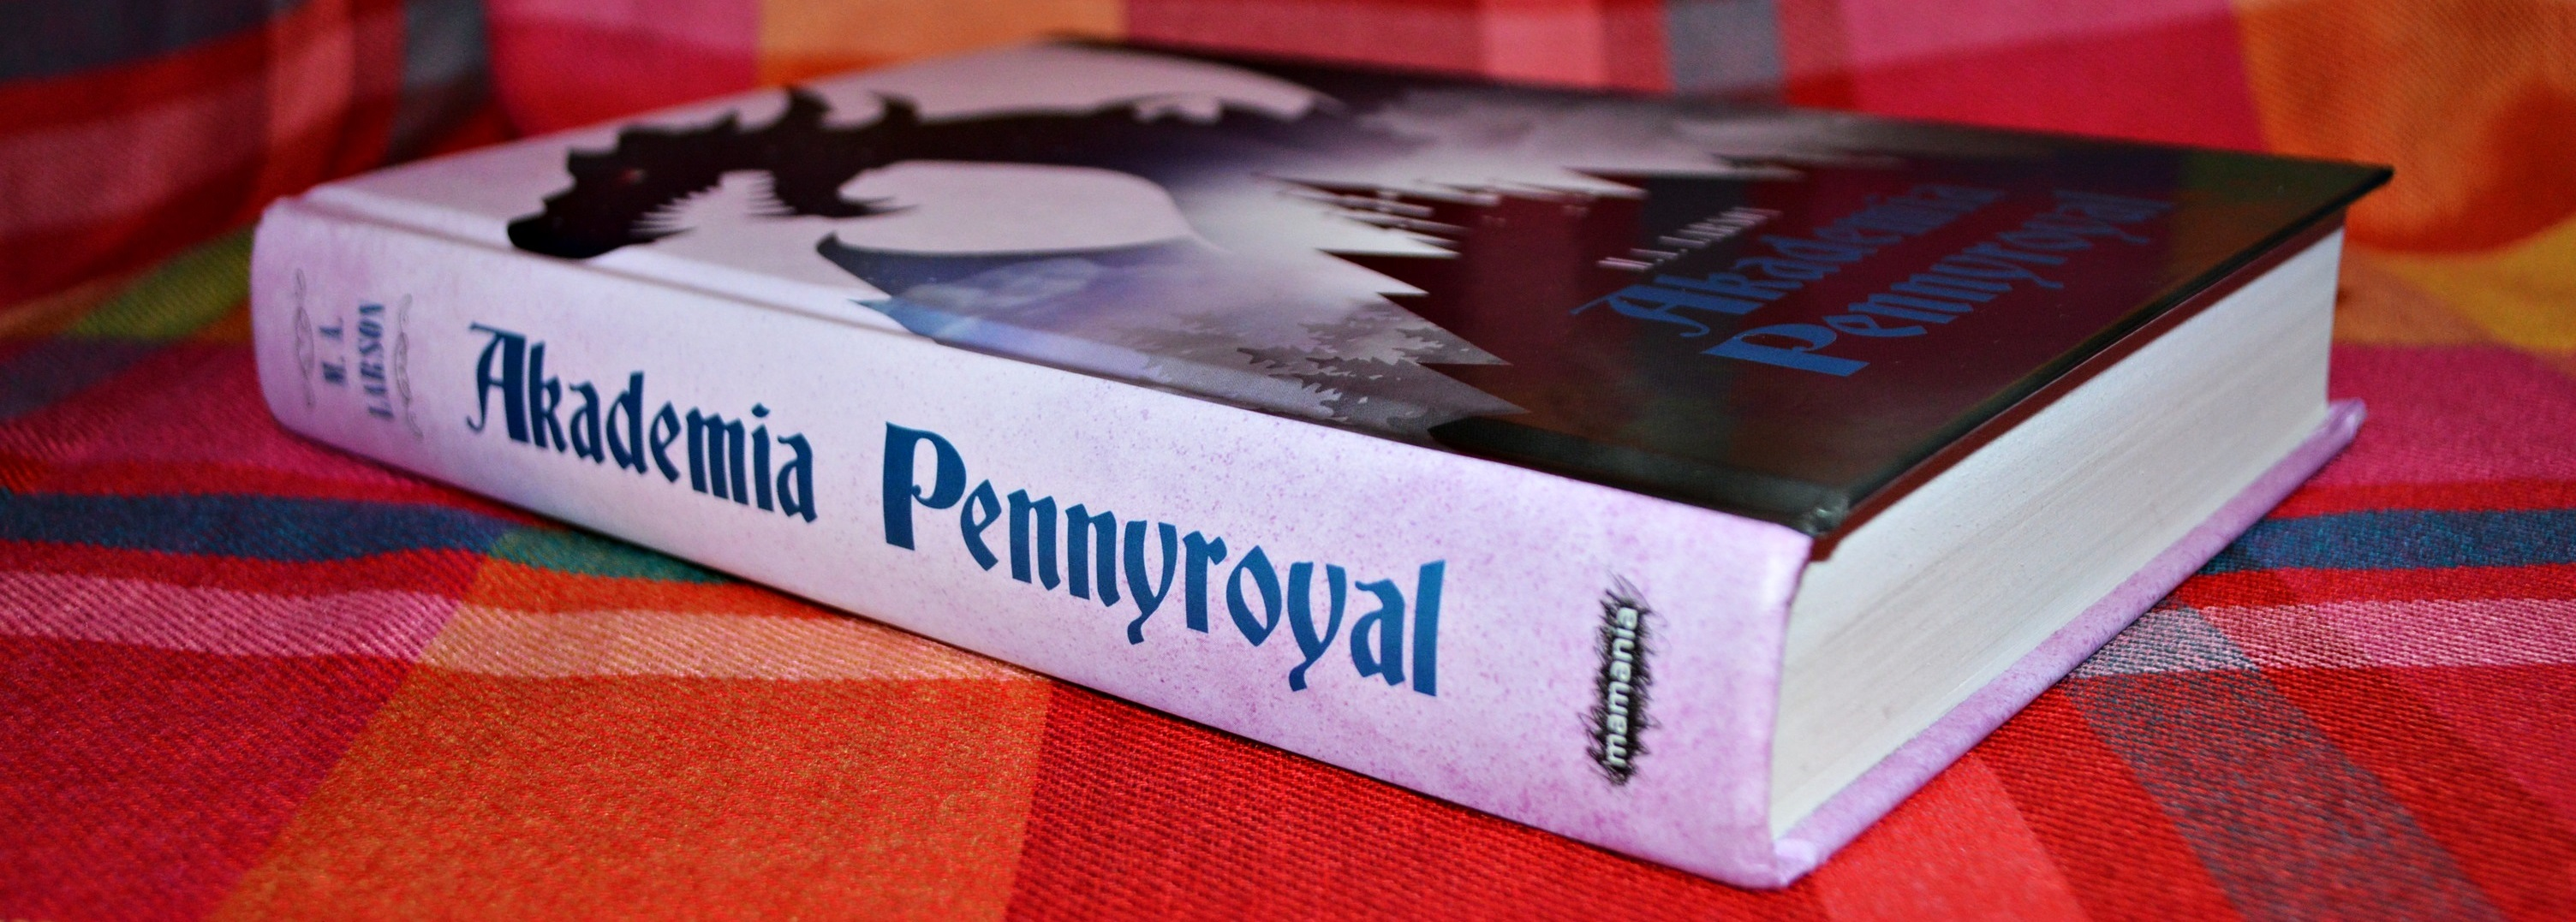 Akademia Pennyroyal M A Larson Recenzja Zazyjkultury